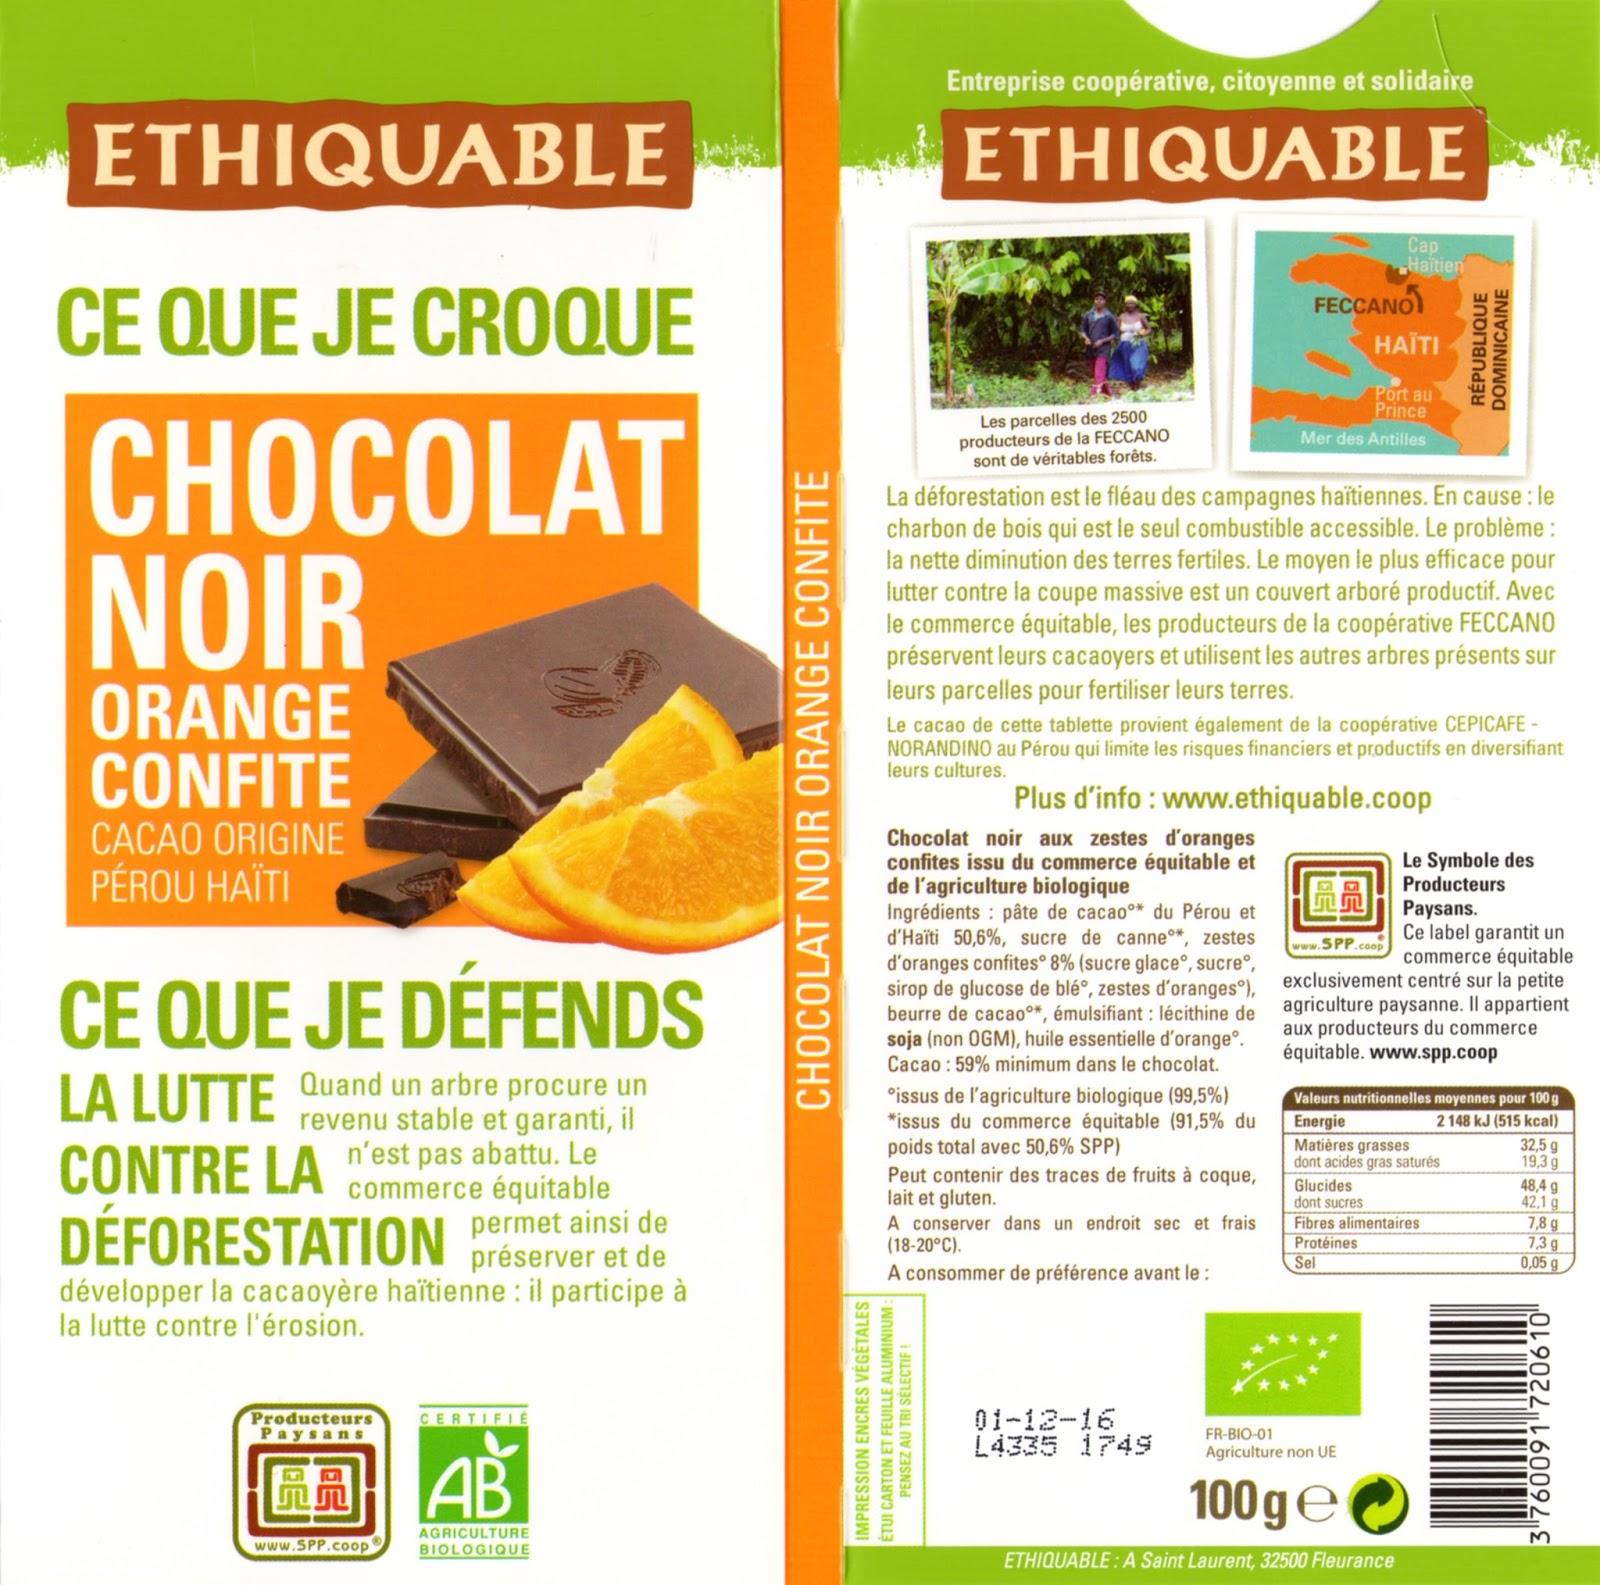 tablette de chocolat noir gourmand ethiquable pérou haïti noir orange confite